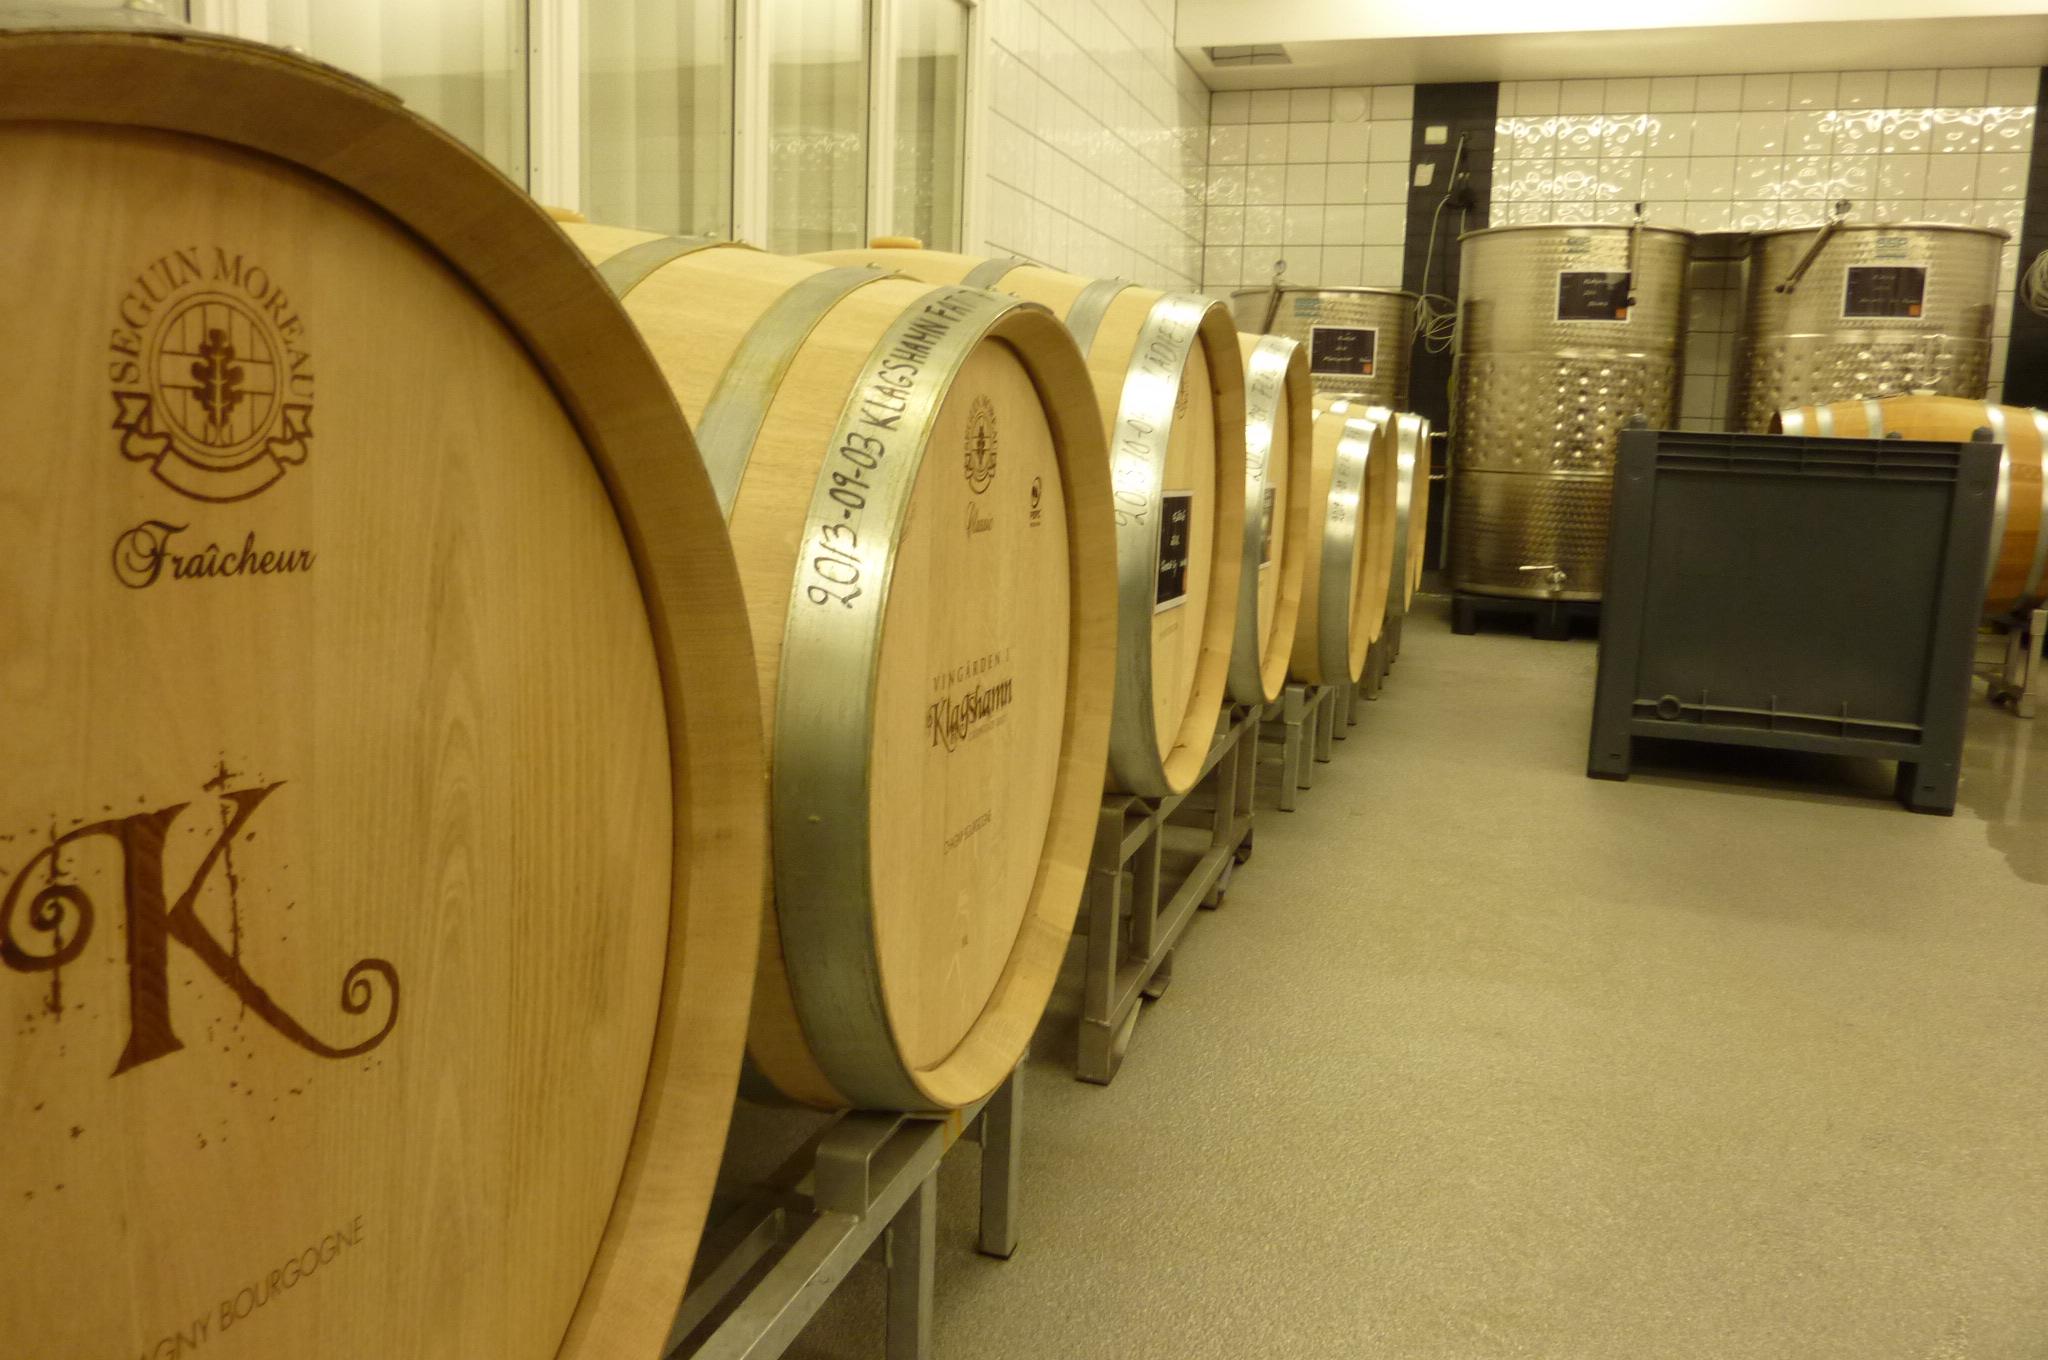 Ekfat inne i vineriet